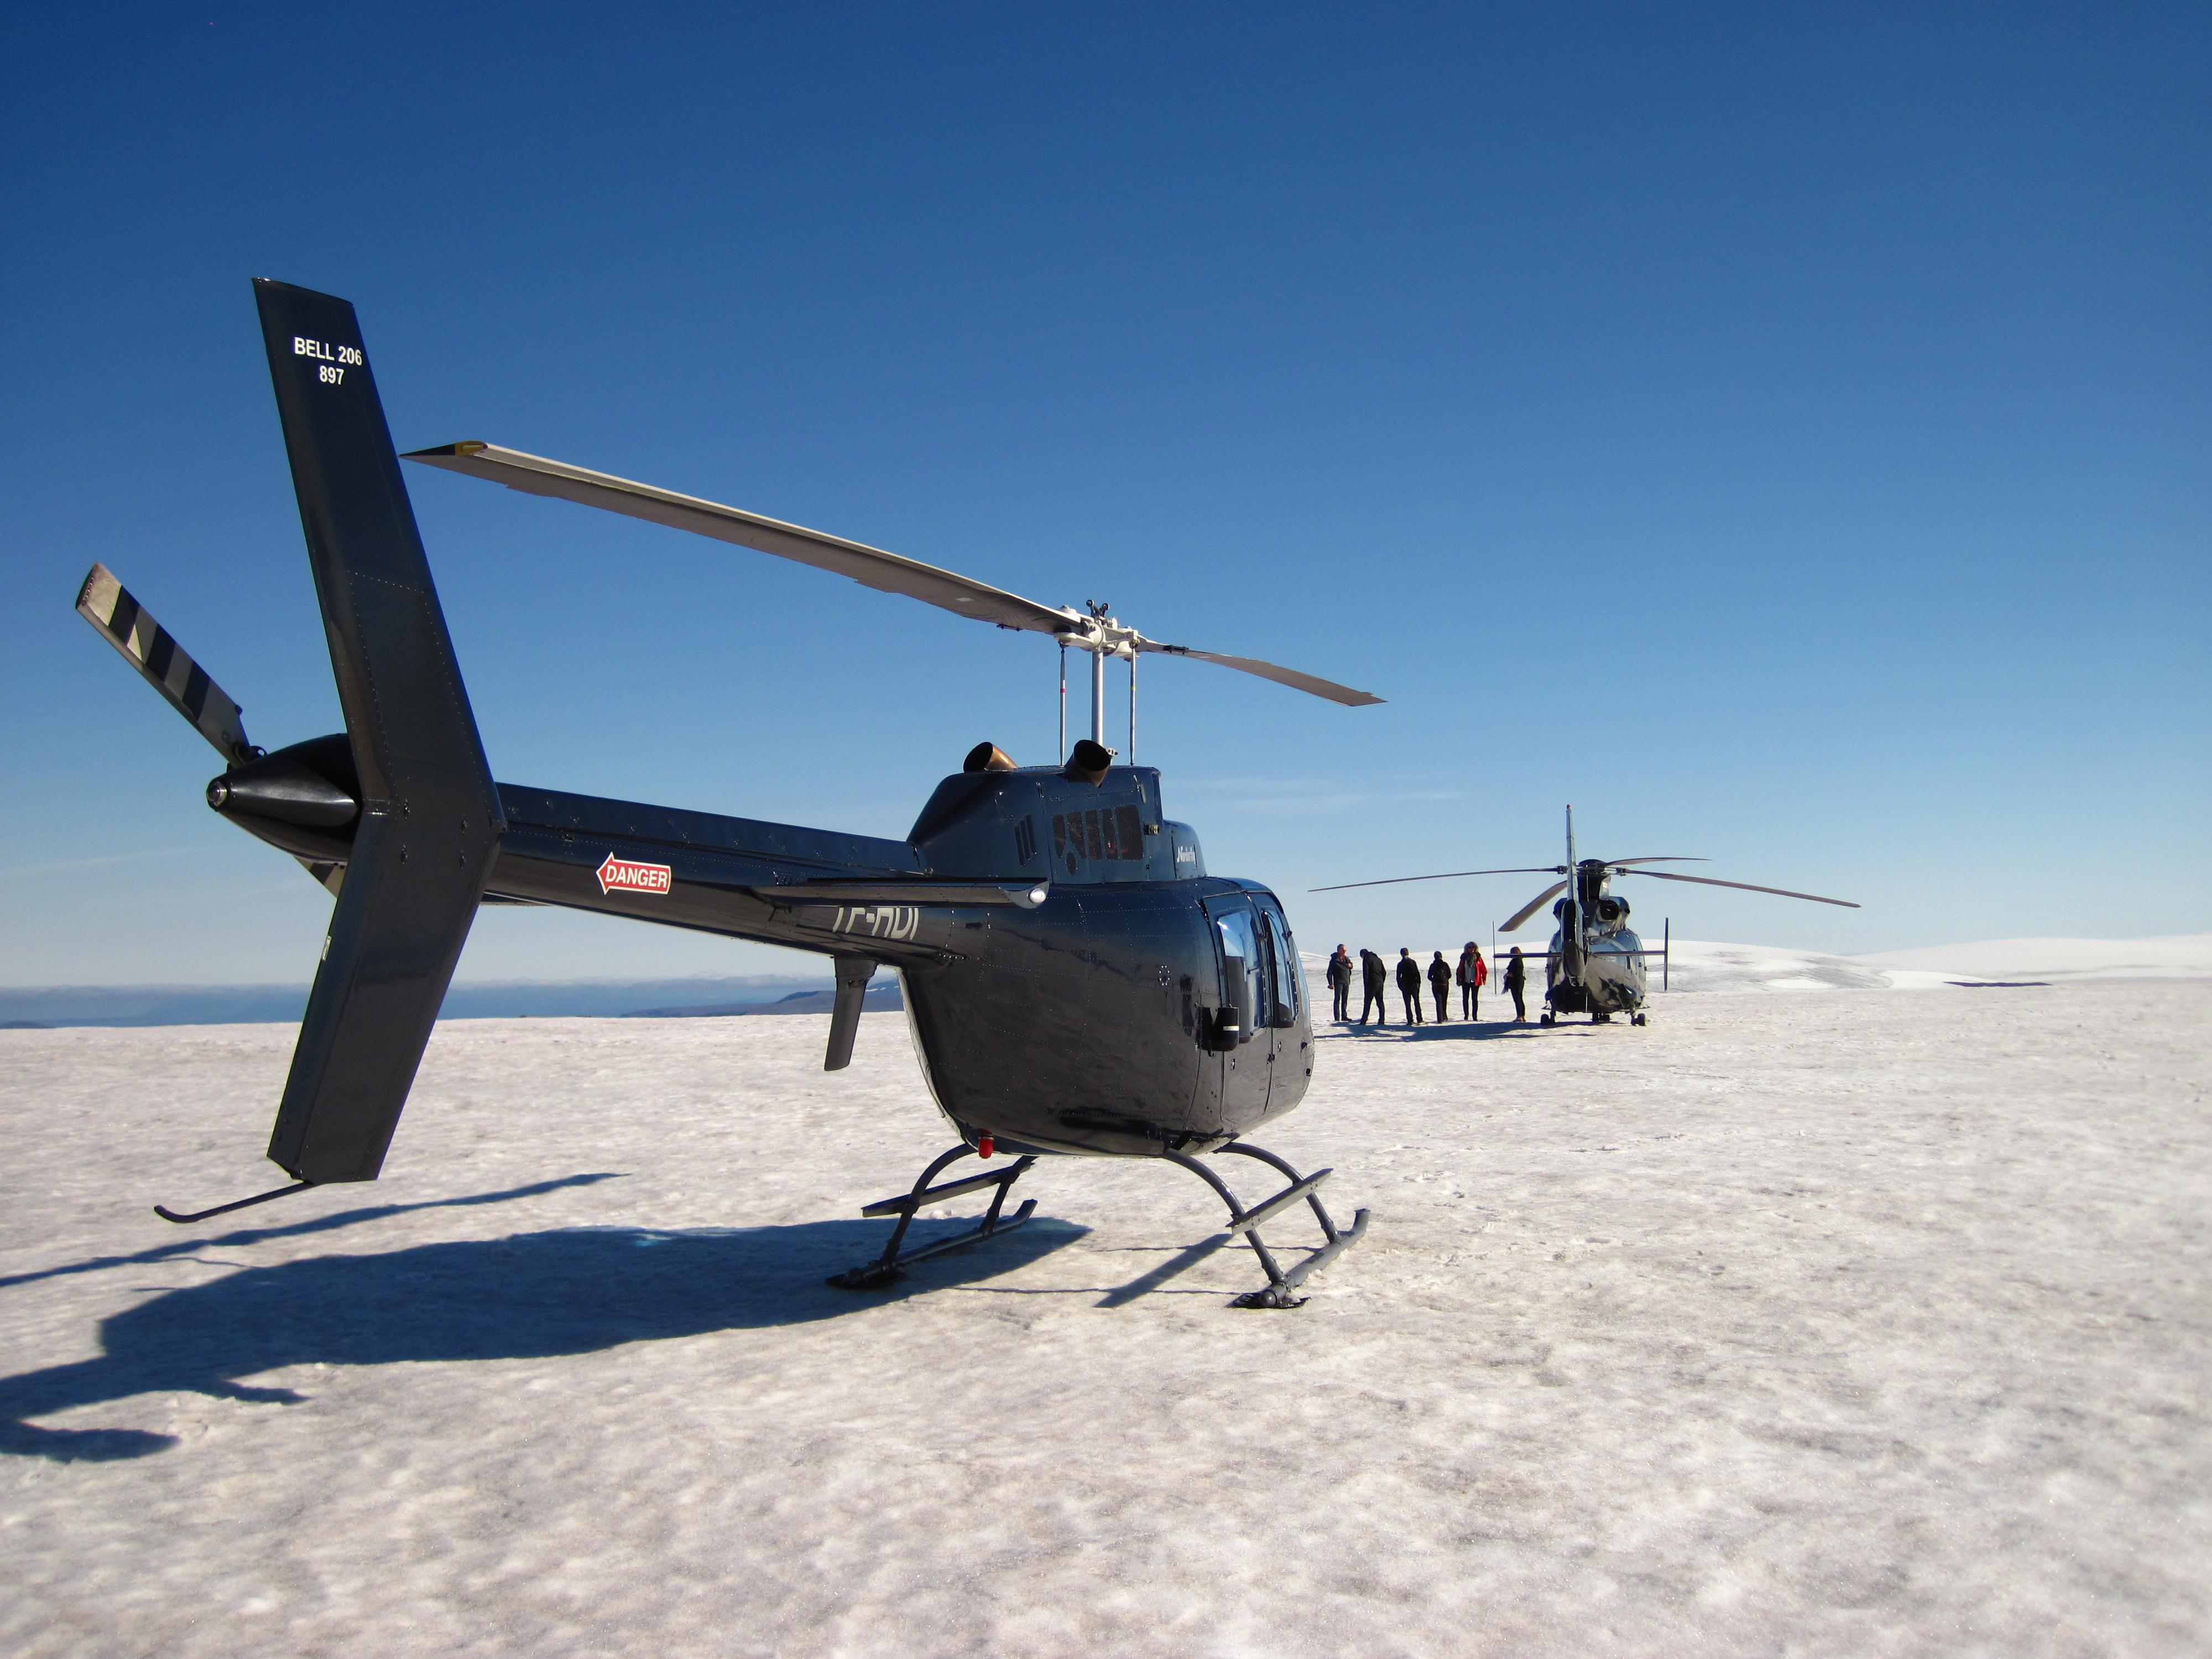 Hvorfor tage på gletsjervandring, når du bare kan flyve derop med helikopter?